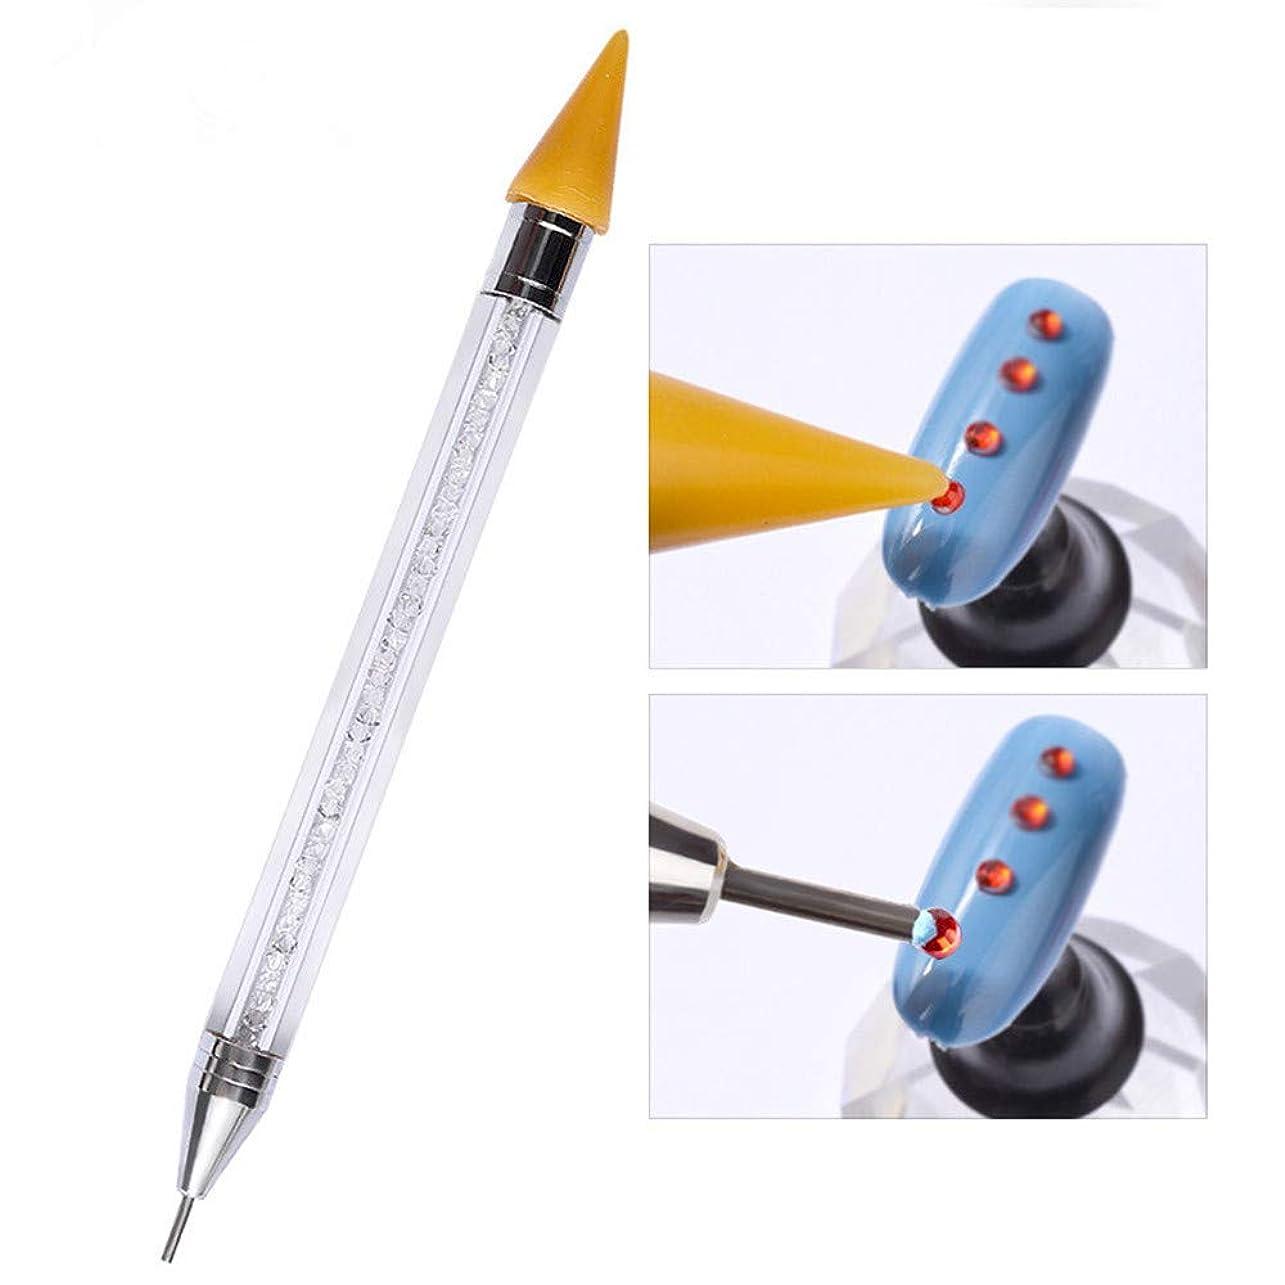 バイソンデュアル材料ネイルポイントドリルペン クレヨンとステンレス鋼ダブルヘッド可使用 ネイルアートツール 1本